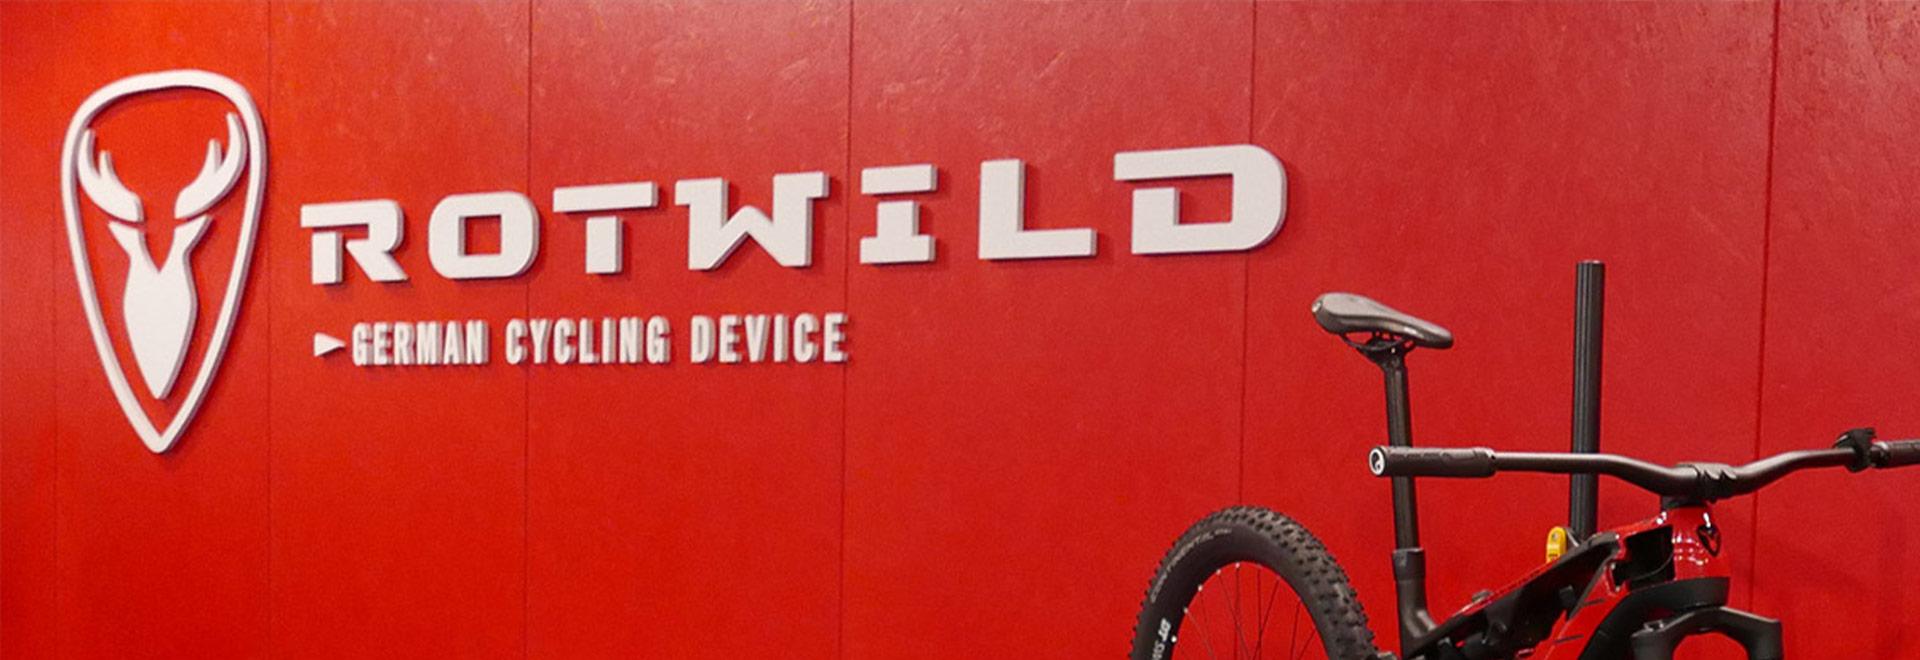 Neu bei DENFELD: Rotwild